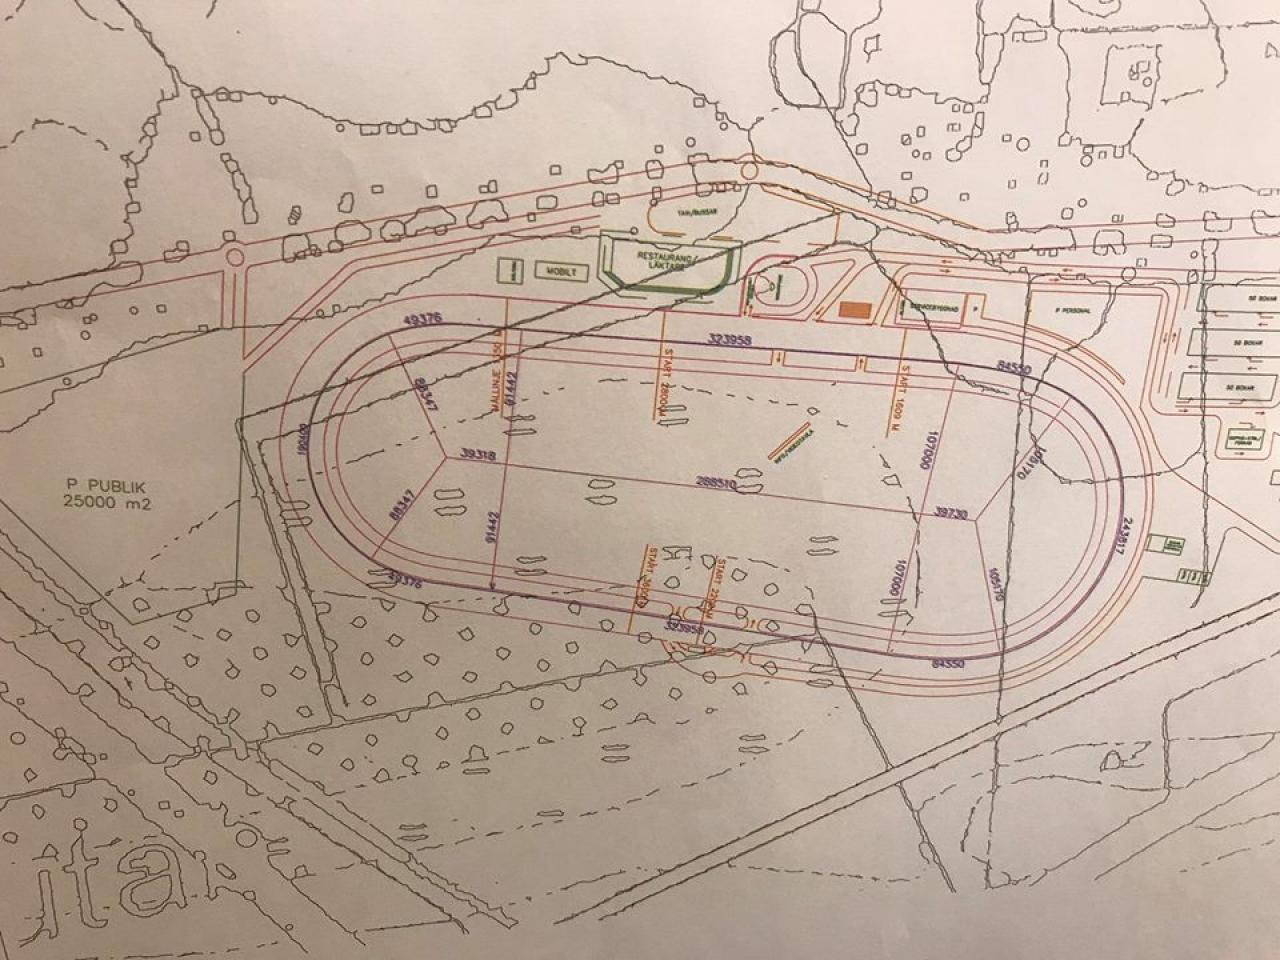 En idéskiss om hur Örebrotravets nya bana i Kvinnersta skulle kunna se ut. Ikväll beslutades att gå vidare med flyttplanerna från Marieberg till Kvinnersta.